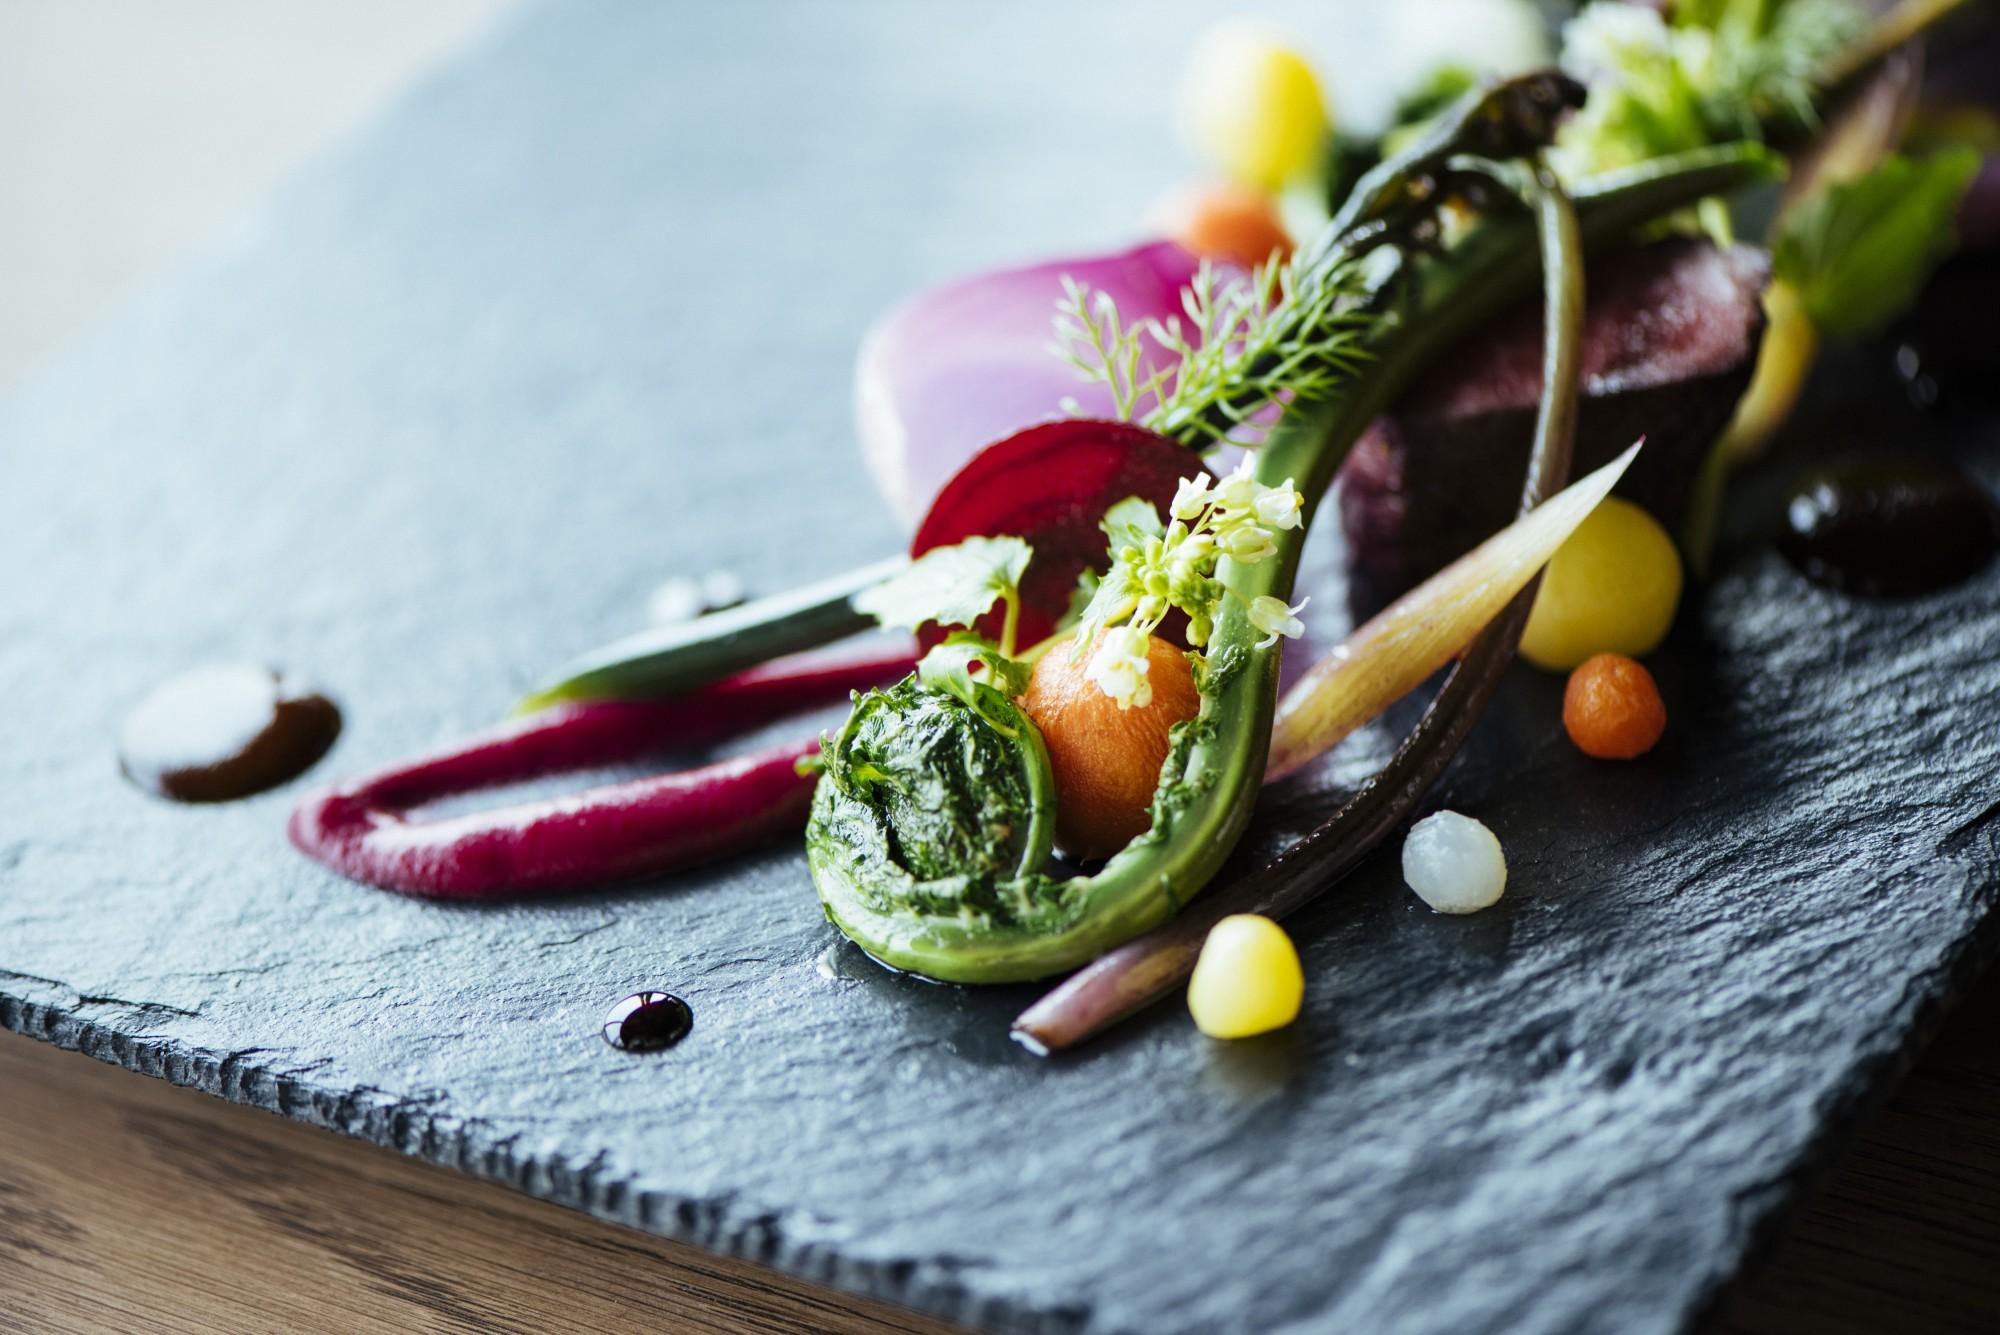 旨味の強い越後牛を用いた人気の一品。彩り豊かなそれぞれの野菜もしっかりとした味わい。